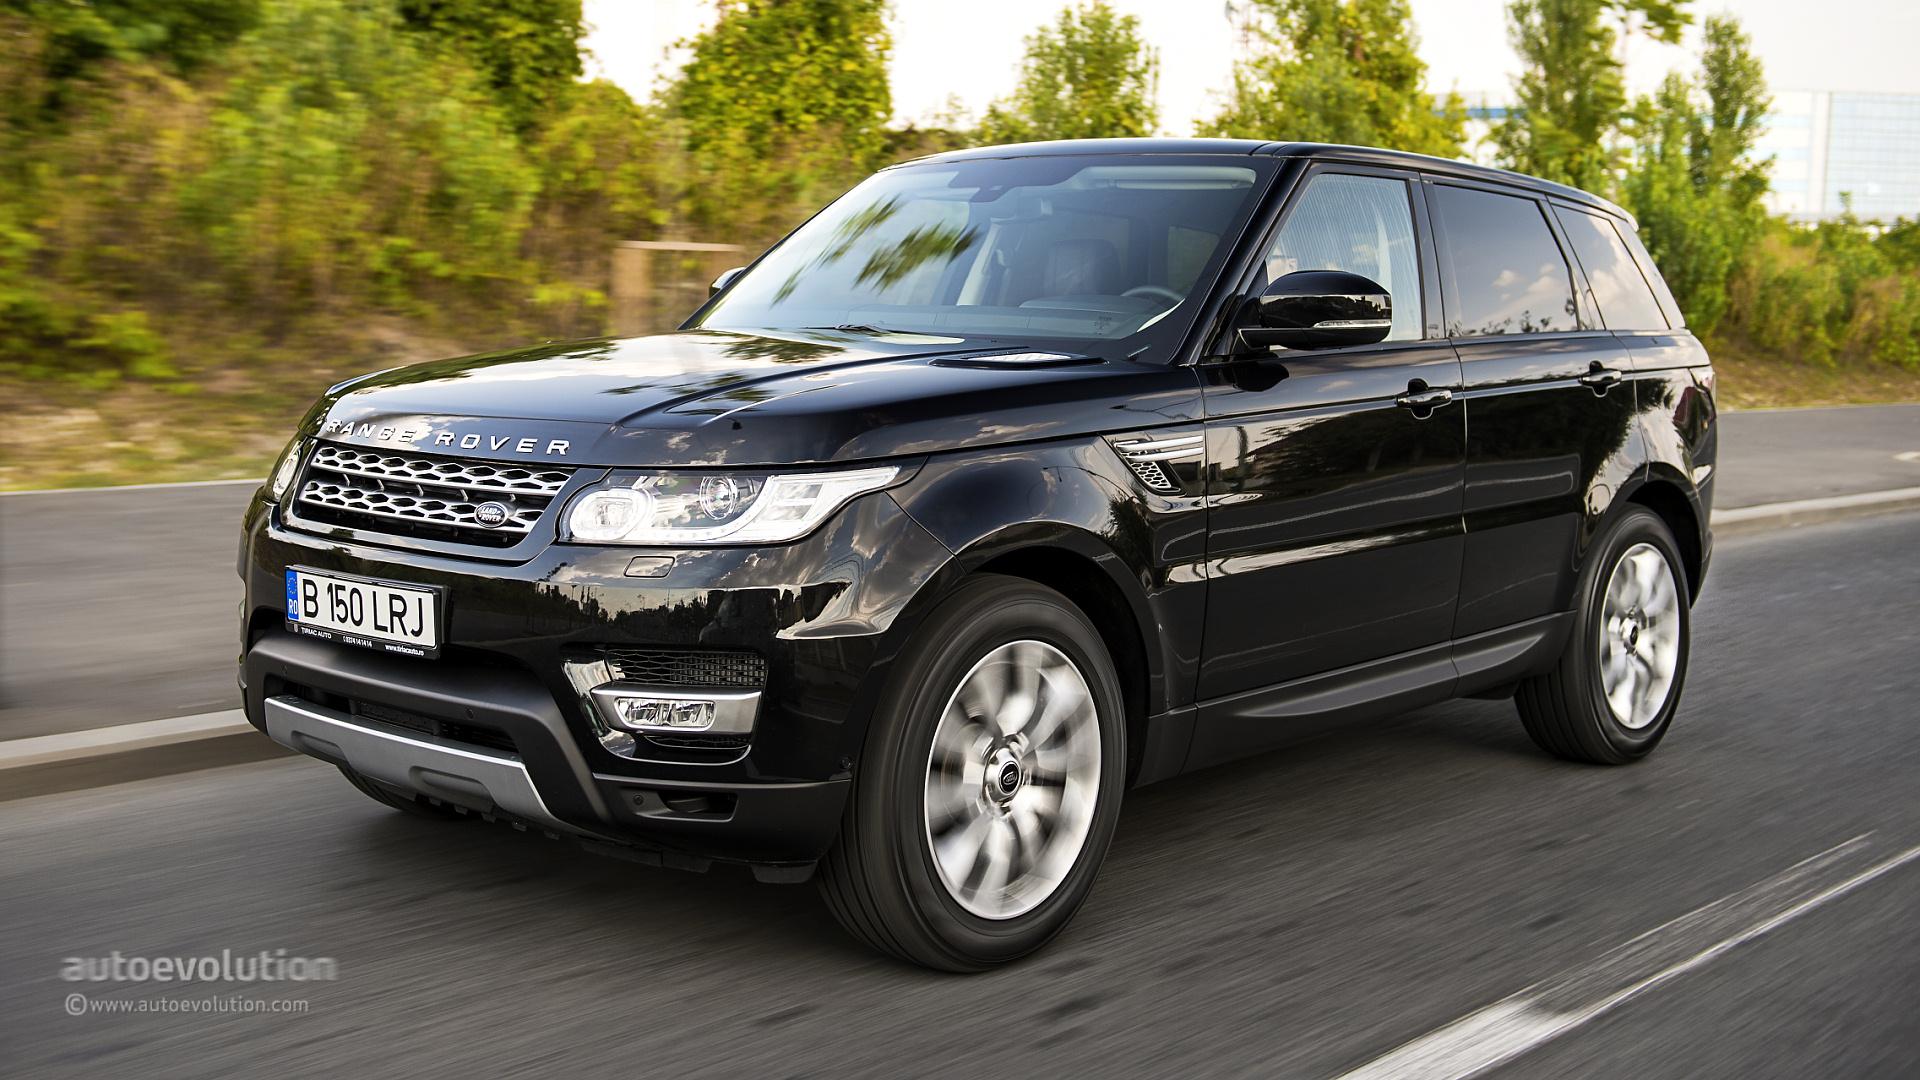 2014 range rover sport test drive autos weblog. Black Bedroom Furniture Sets. Home Design Ideas